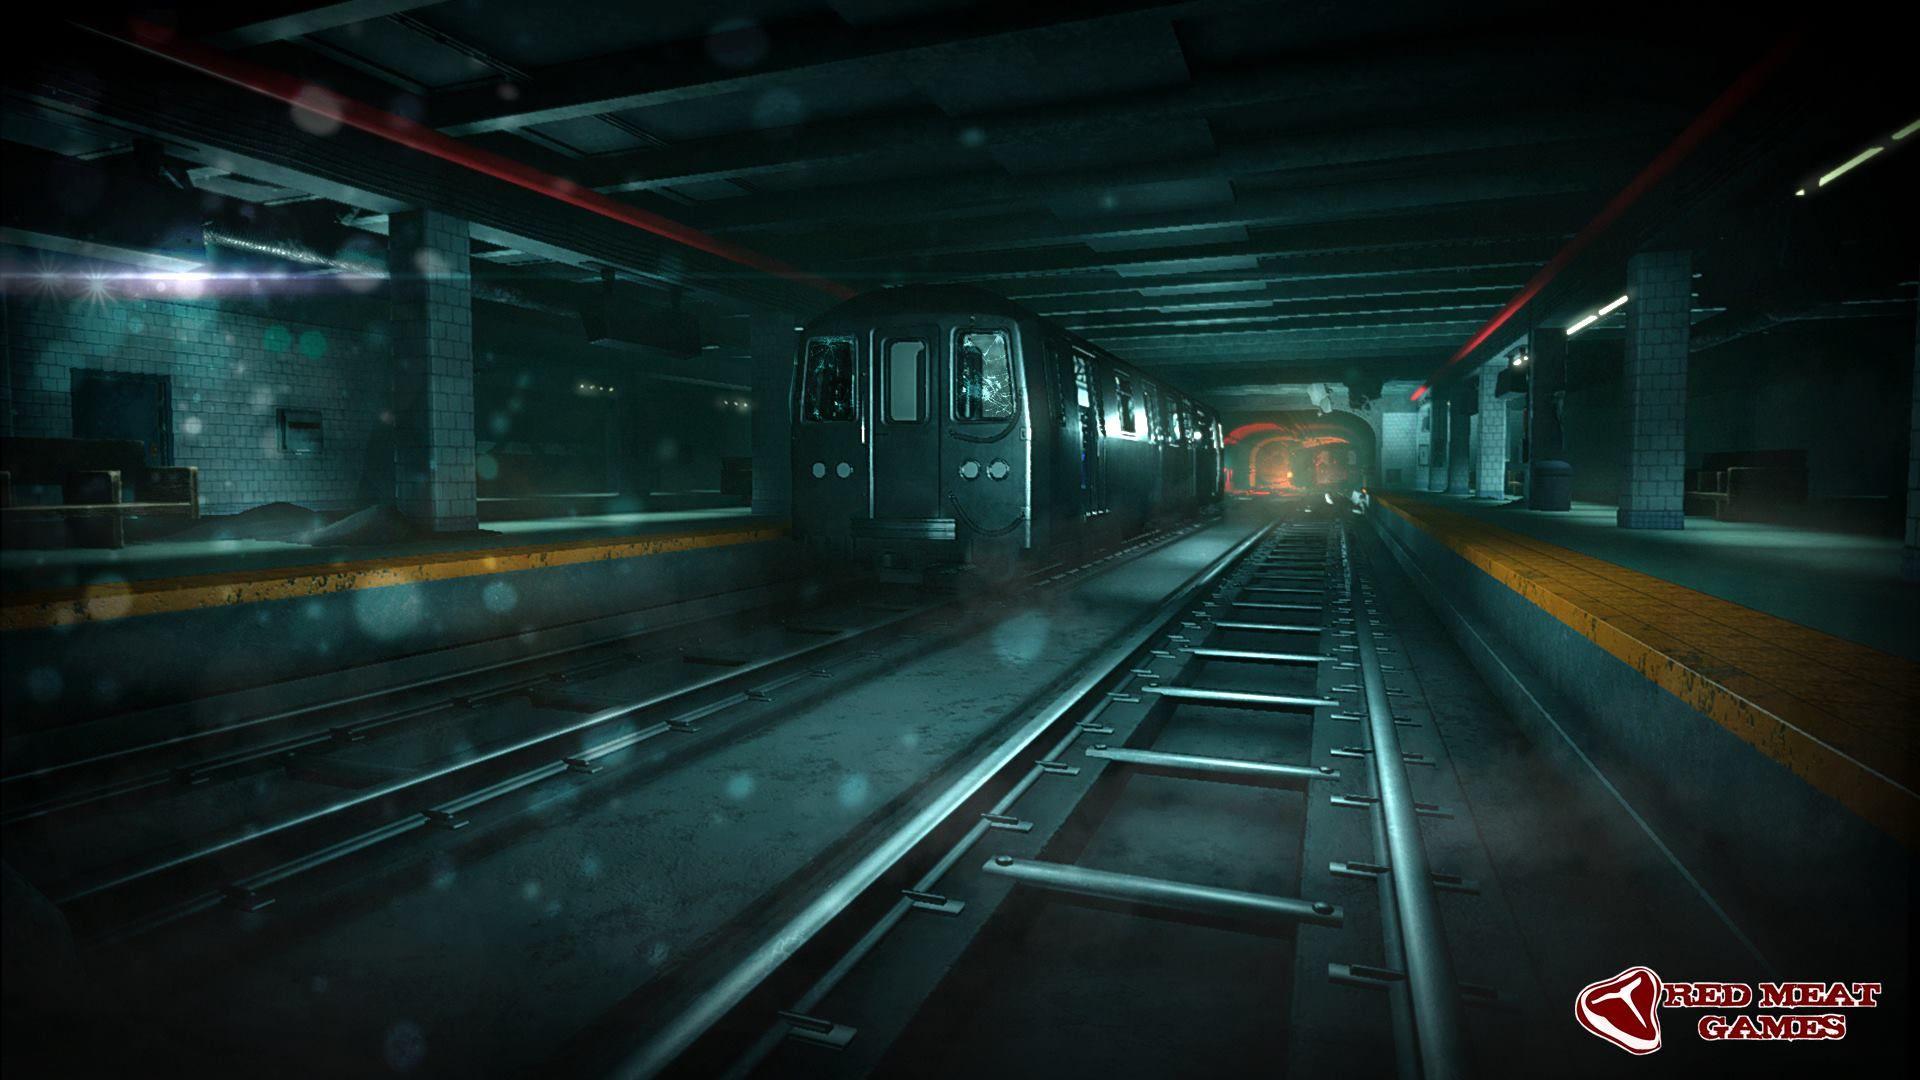 Il videogioco horror che ti misura il battito per farti paura al momento giusto